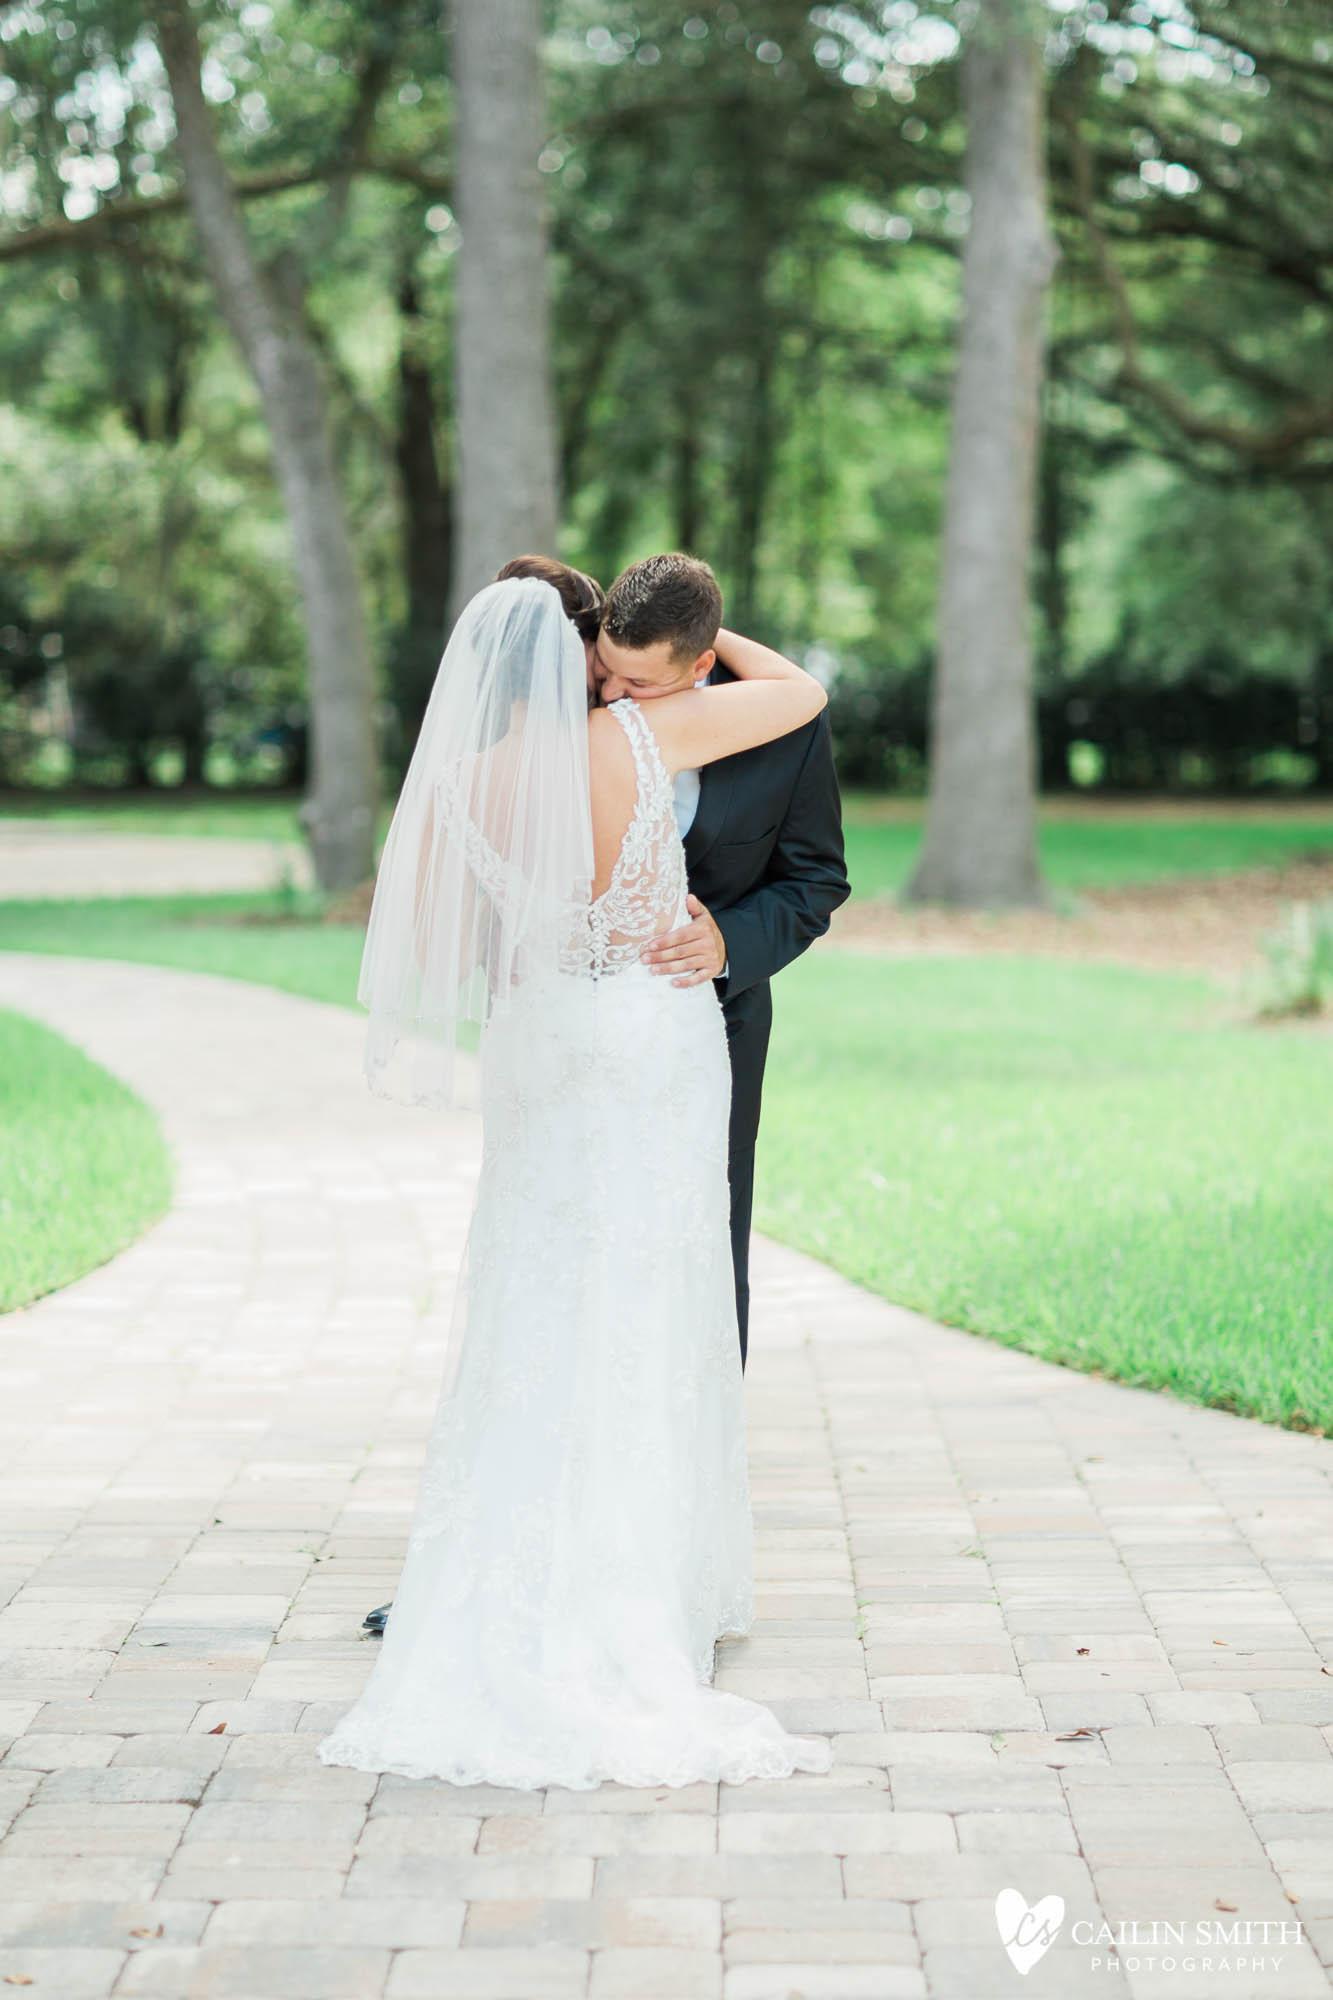 Bethany_Kyle_Bowing_Oaks_Plantation_Wedding_Photography_0034.jpg